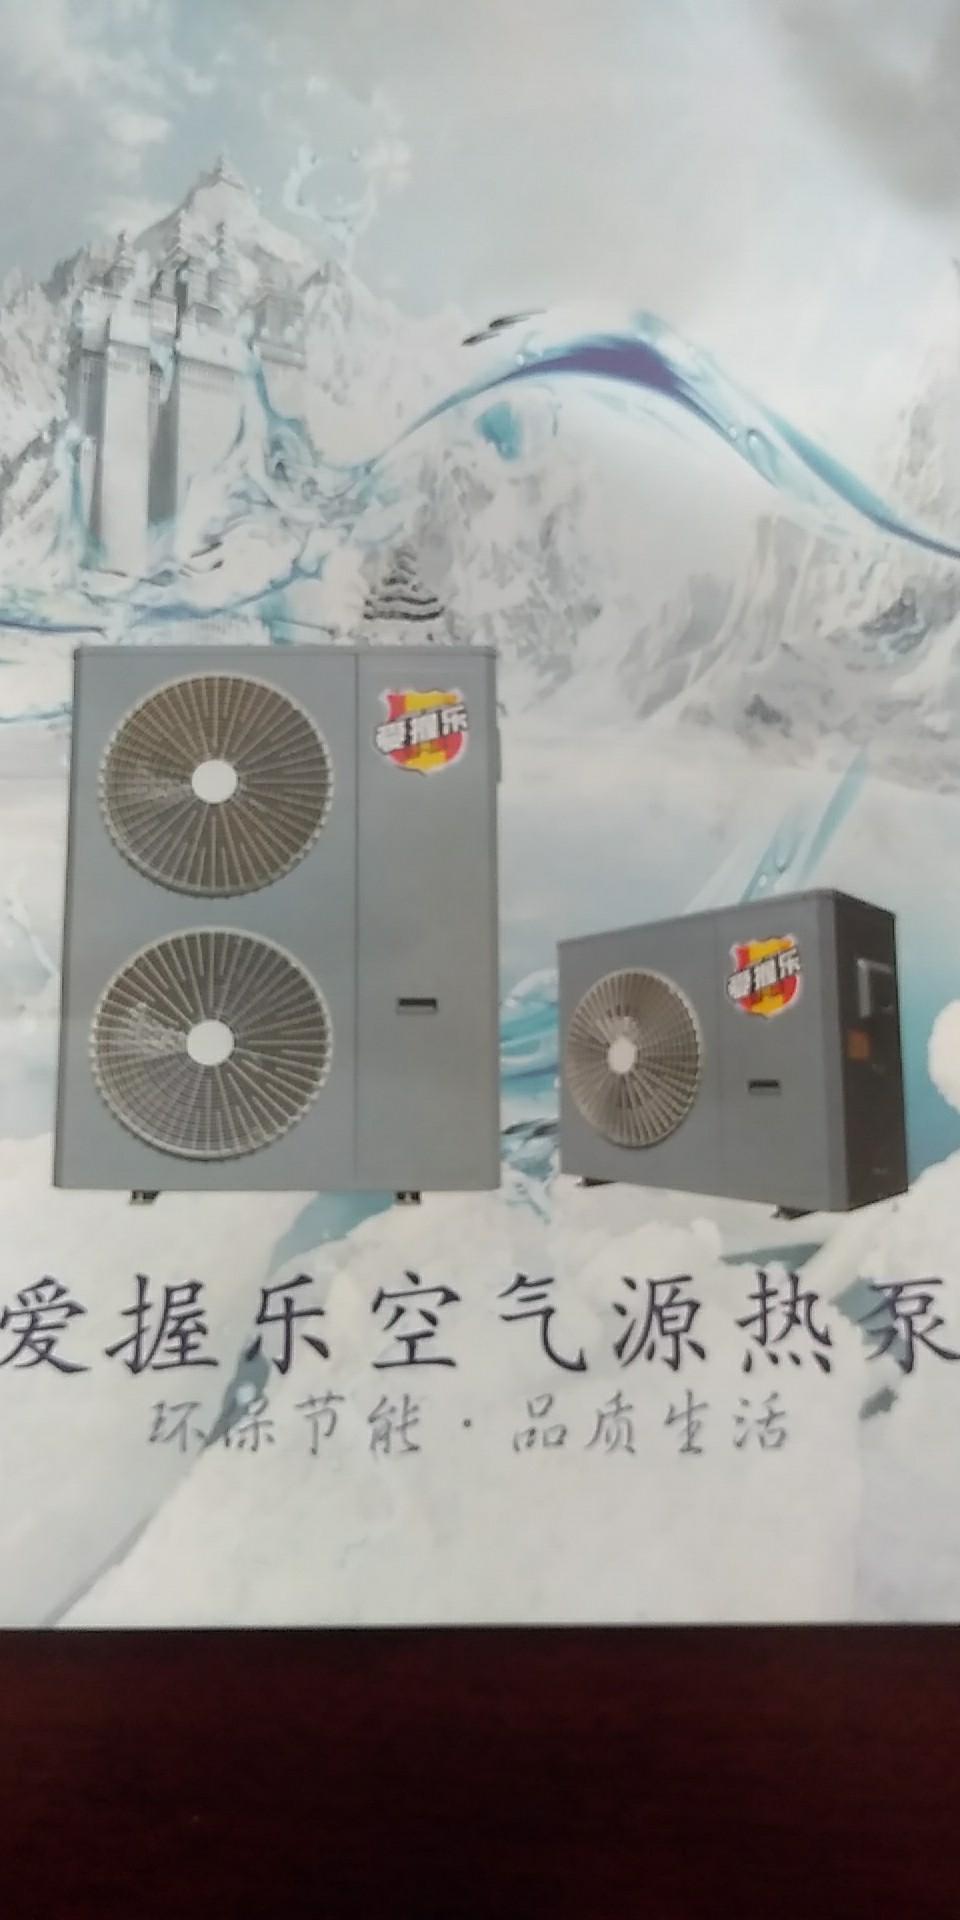 宁夏空气源热厡-空气源热厡厂家-空气源热厡报价